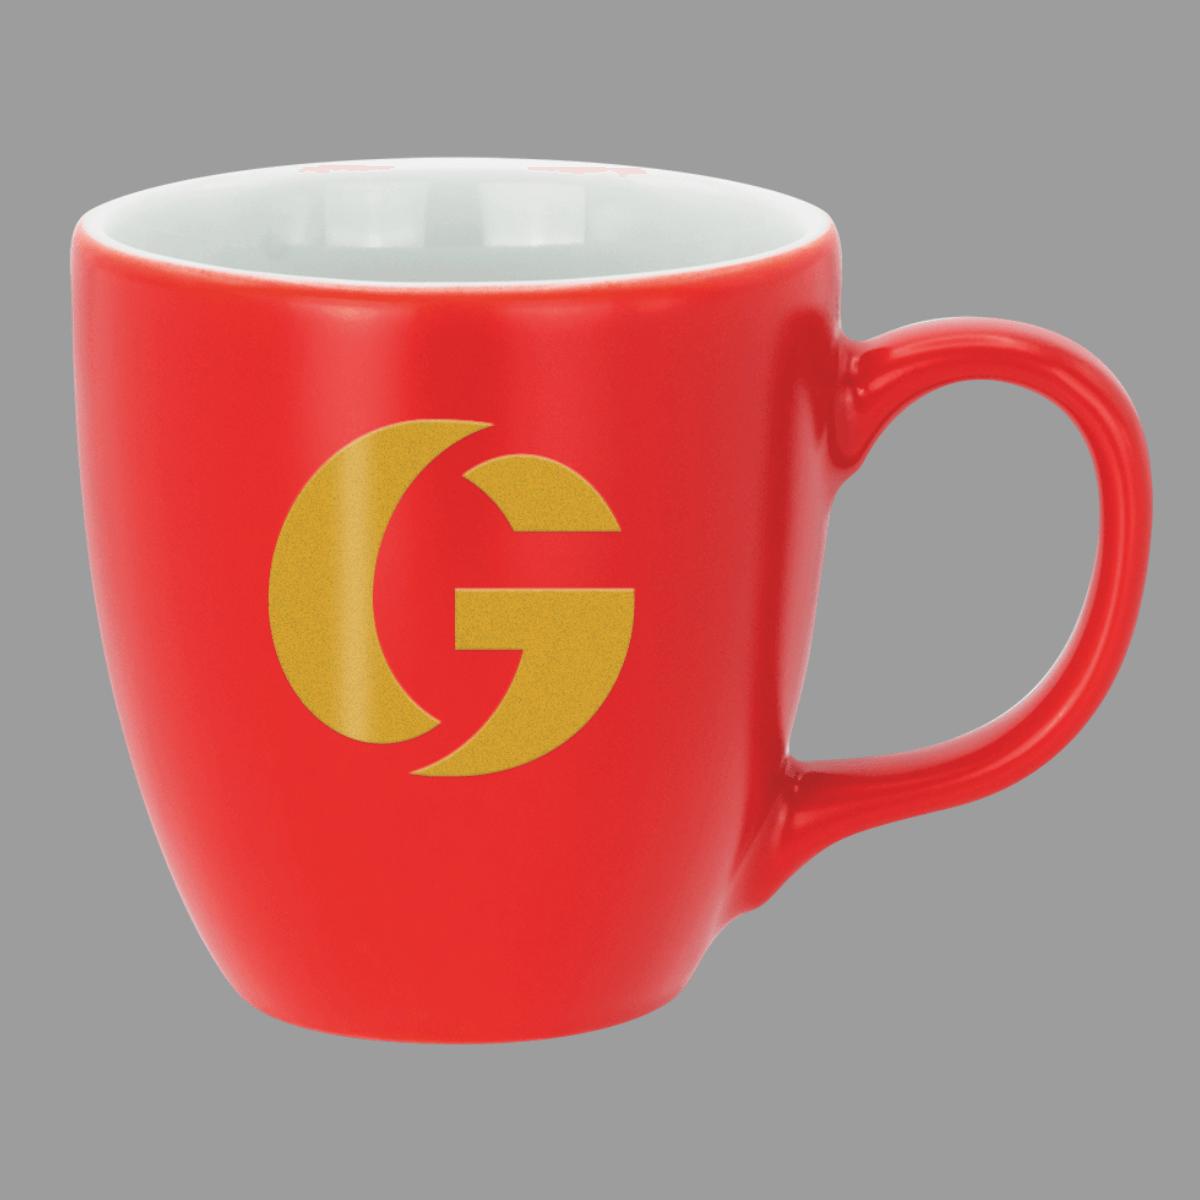 Gastro Spritzung_G rot